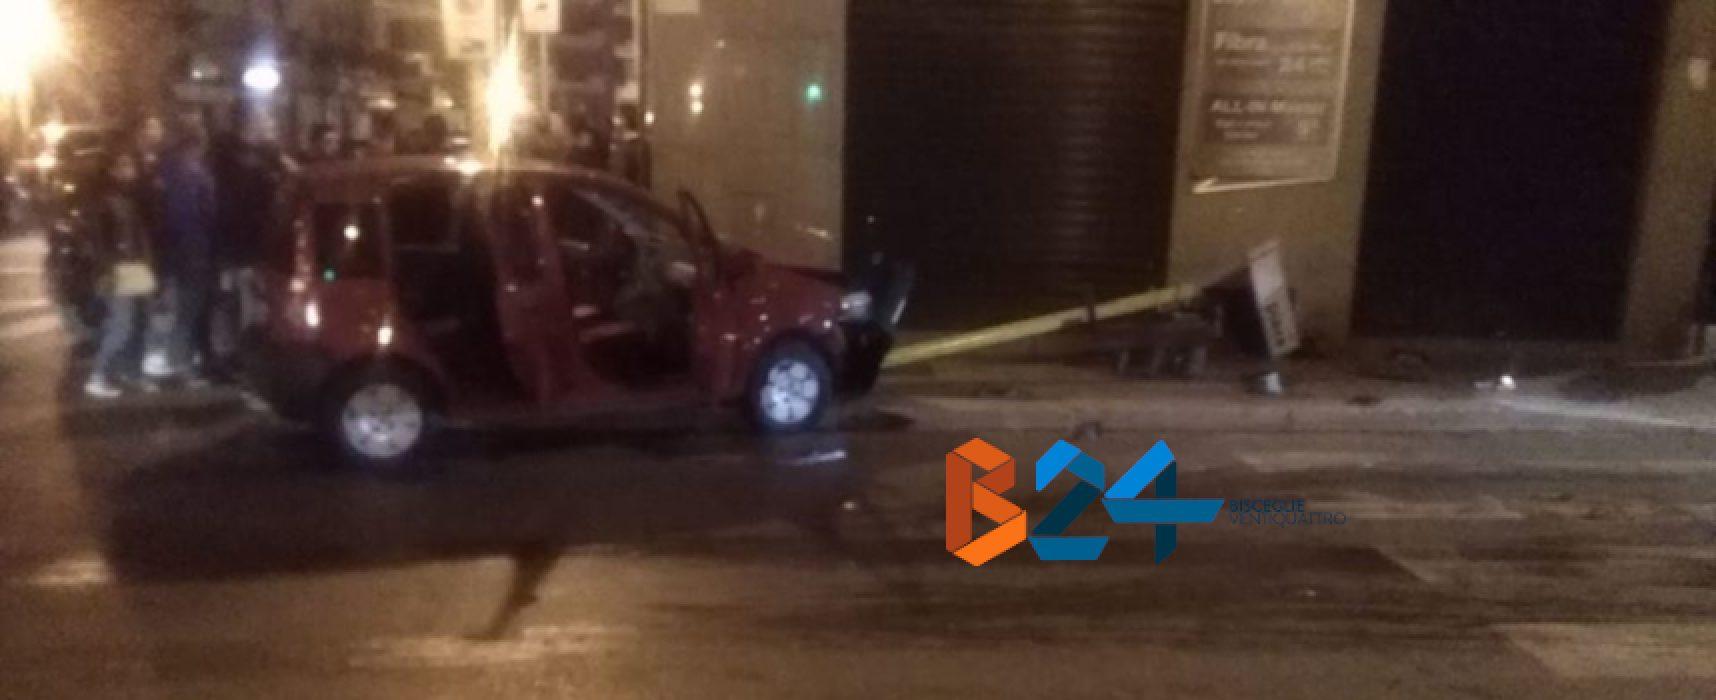 Incidente in via Piave, famiglia trasportata al pronto soccorso